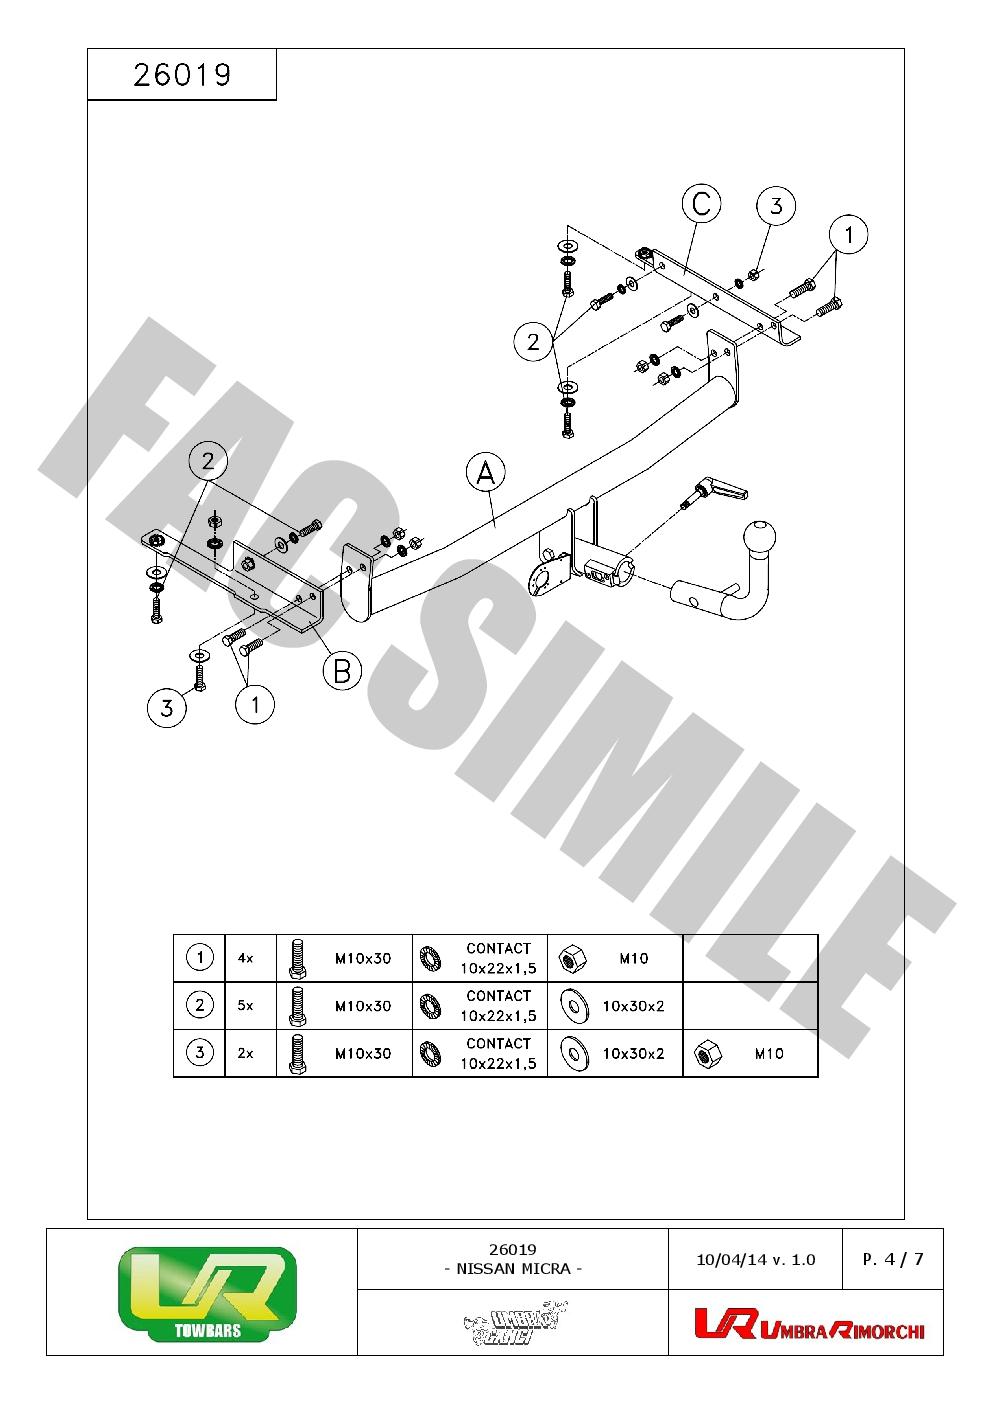 Attelage Démontable Faisceaux 7 Br pour Nissan MICRA HAYON 3-5p 03-10 26019/_A1